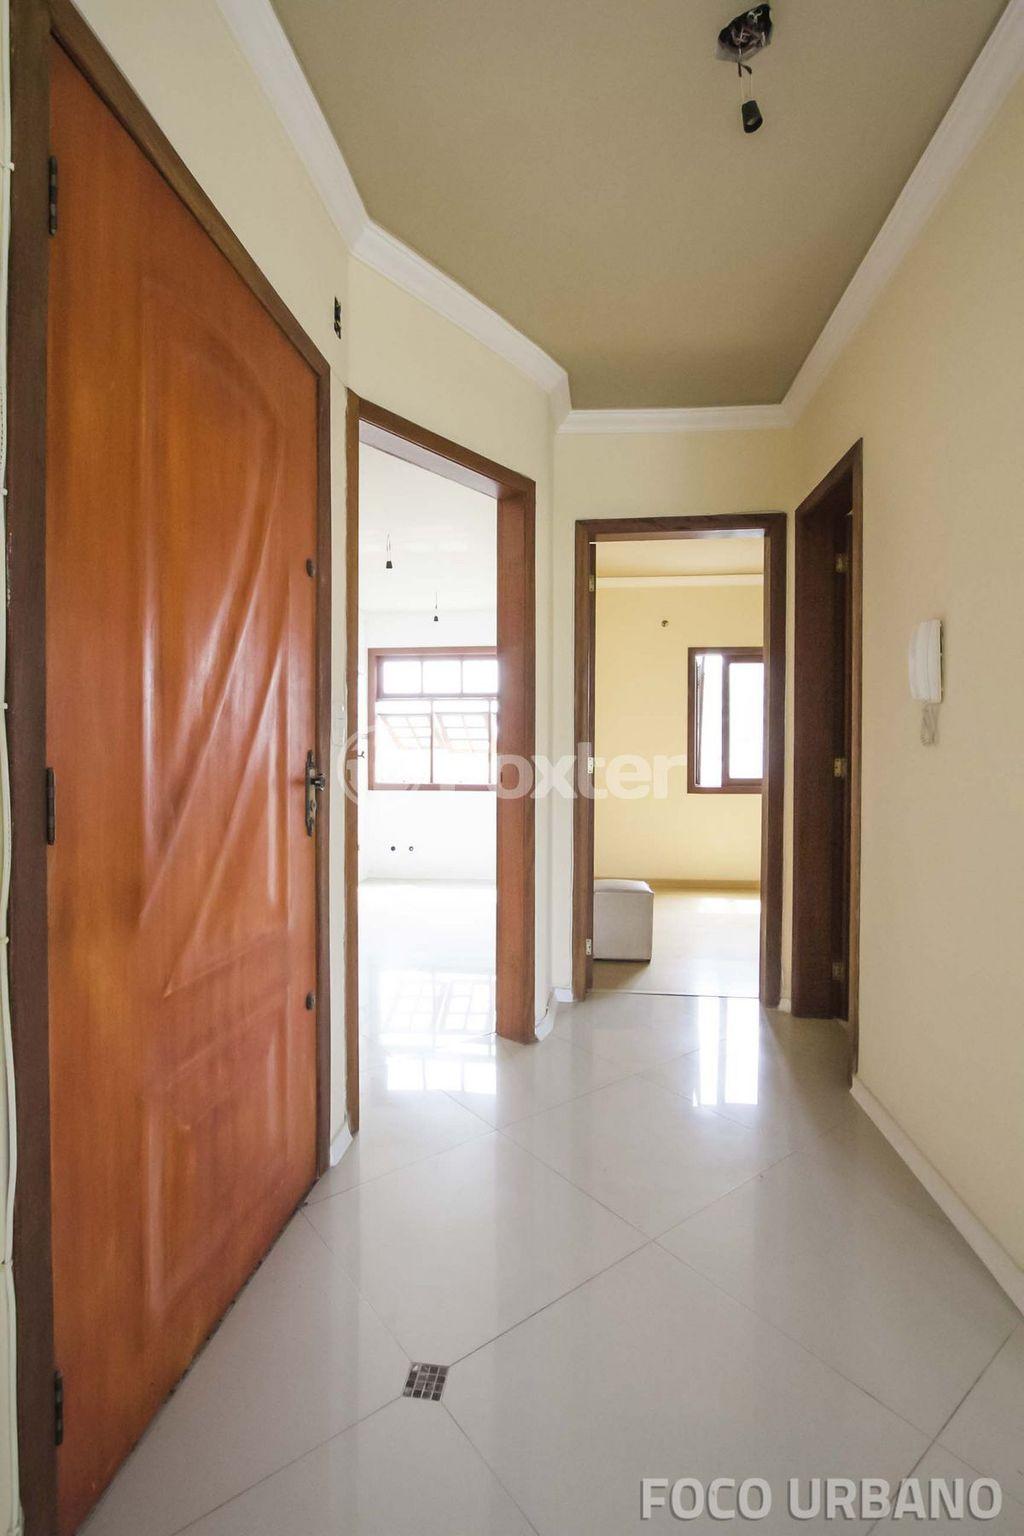 Foxter Imobiliária - Cobertura 1 Dorm (131325) - Foto 7